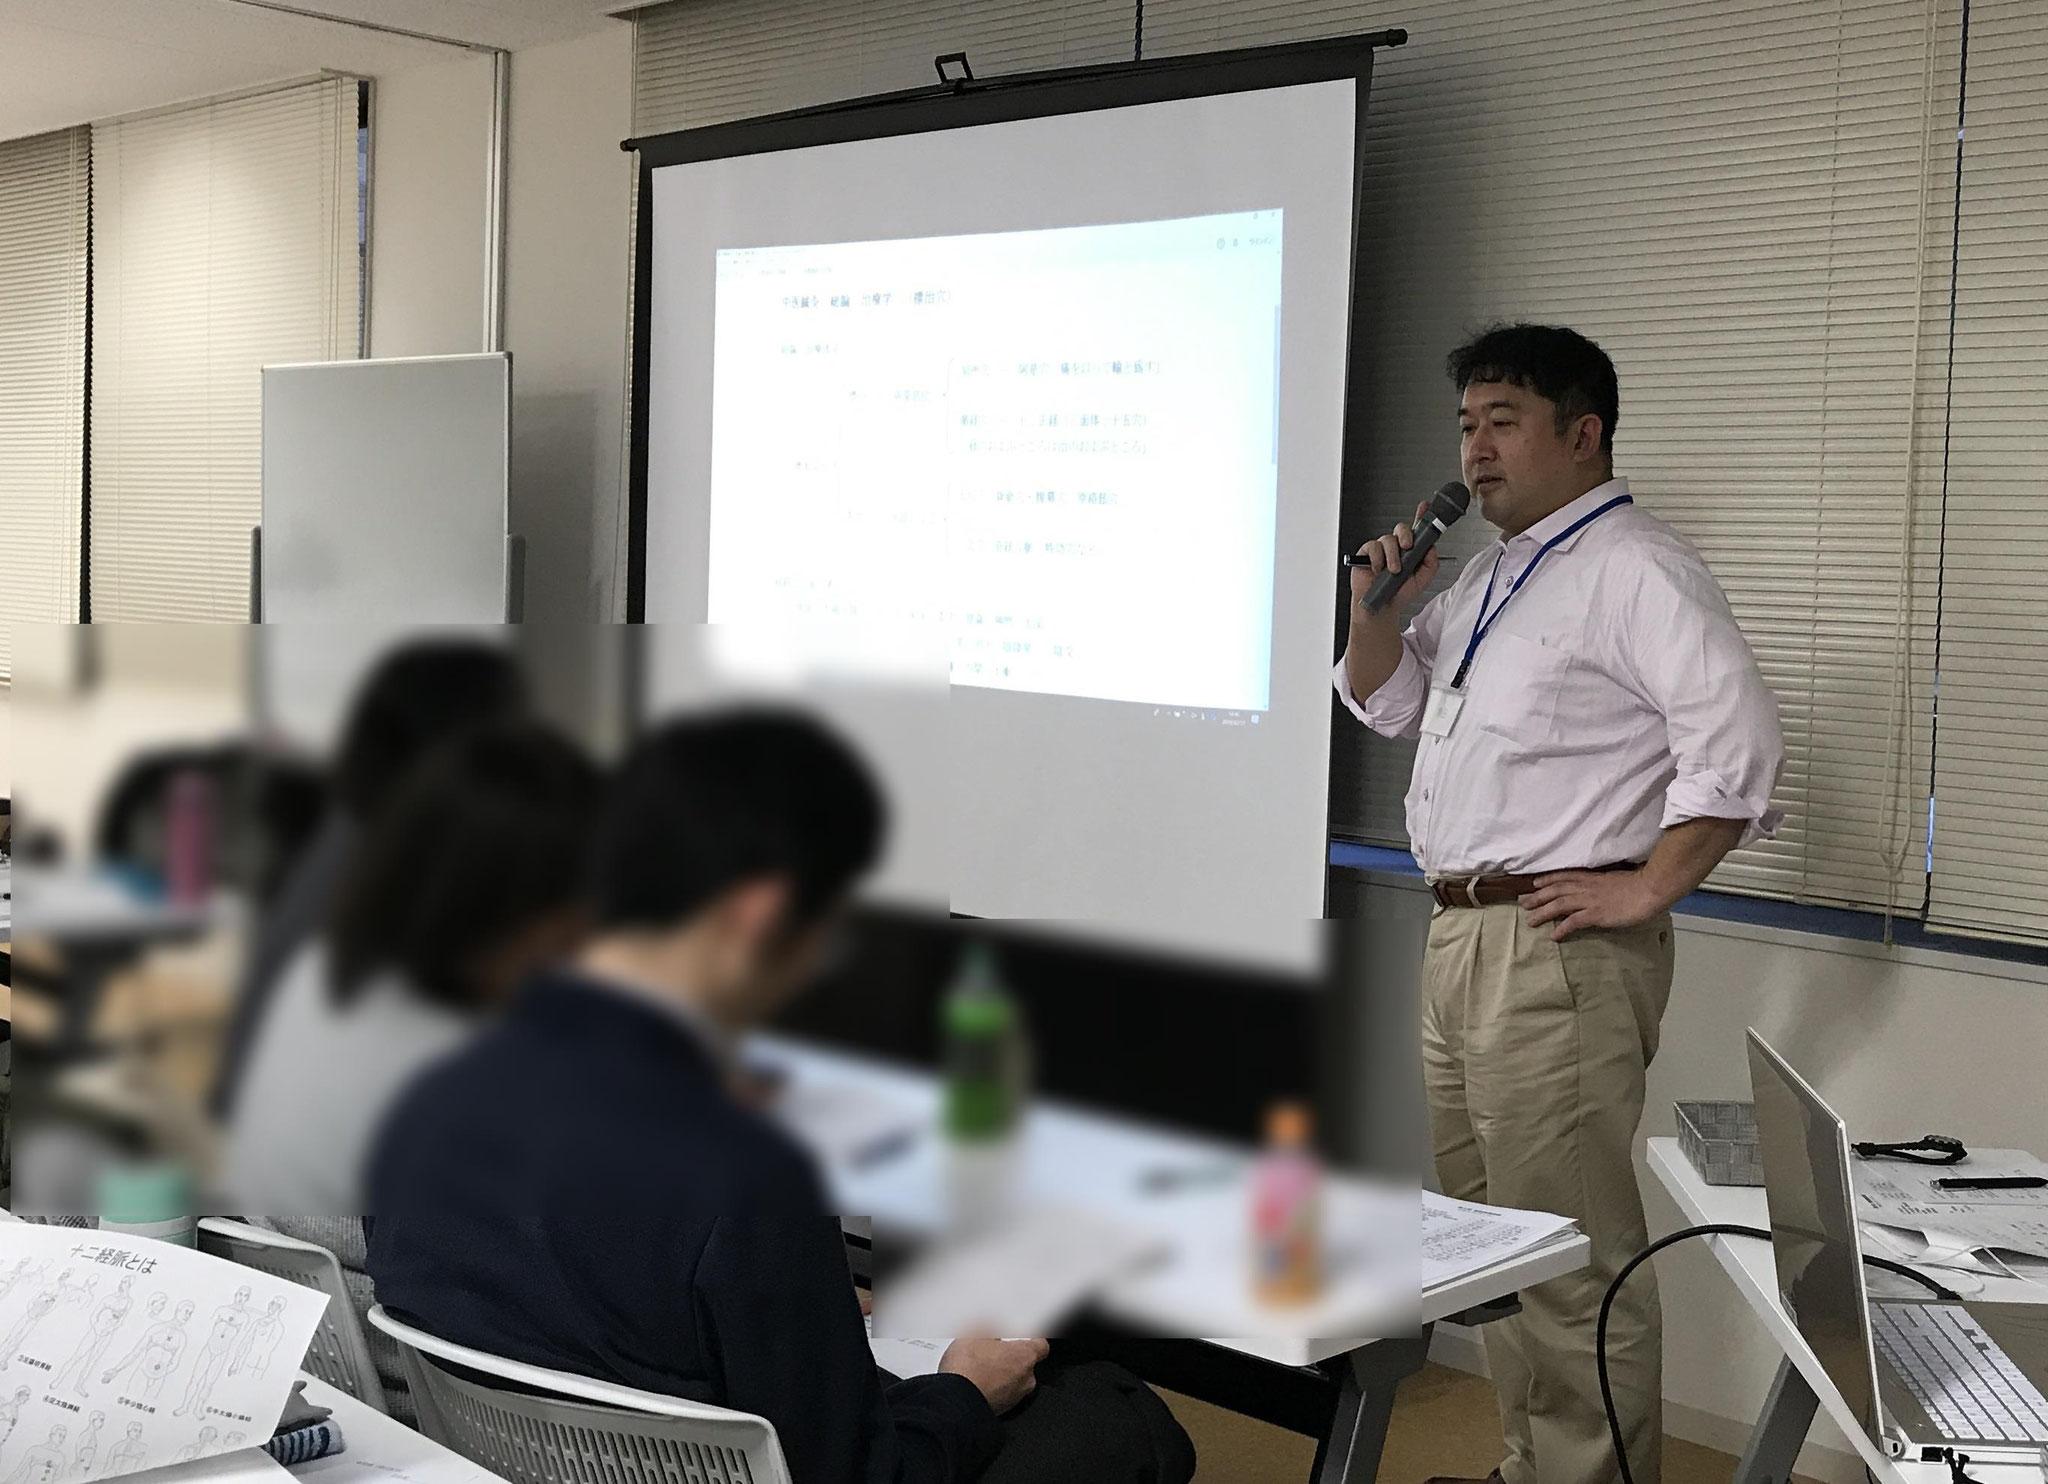 中医鍼灸座学